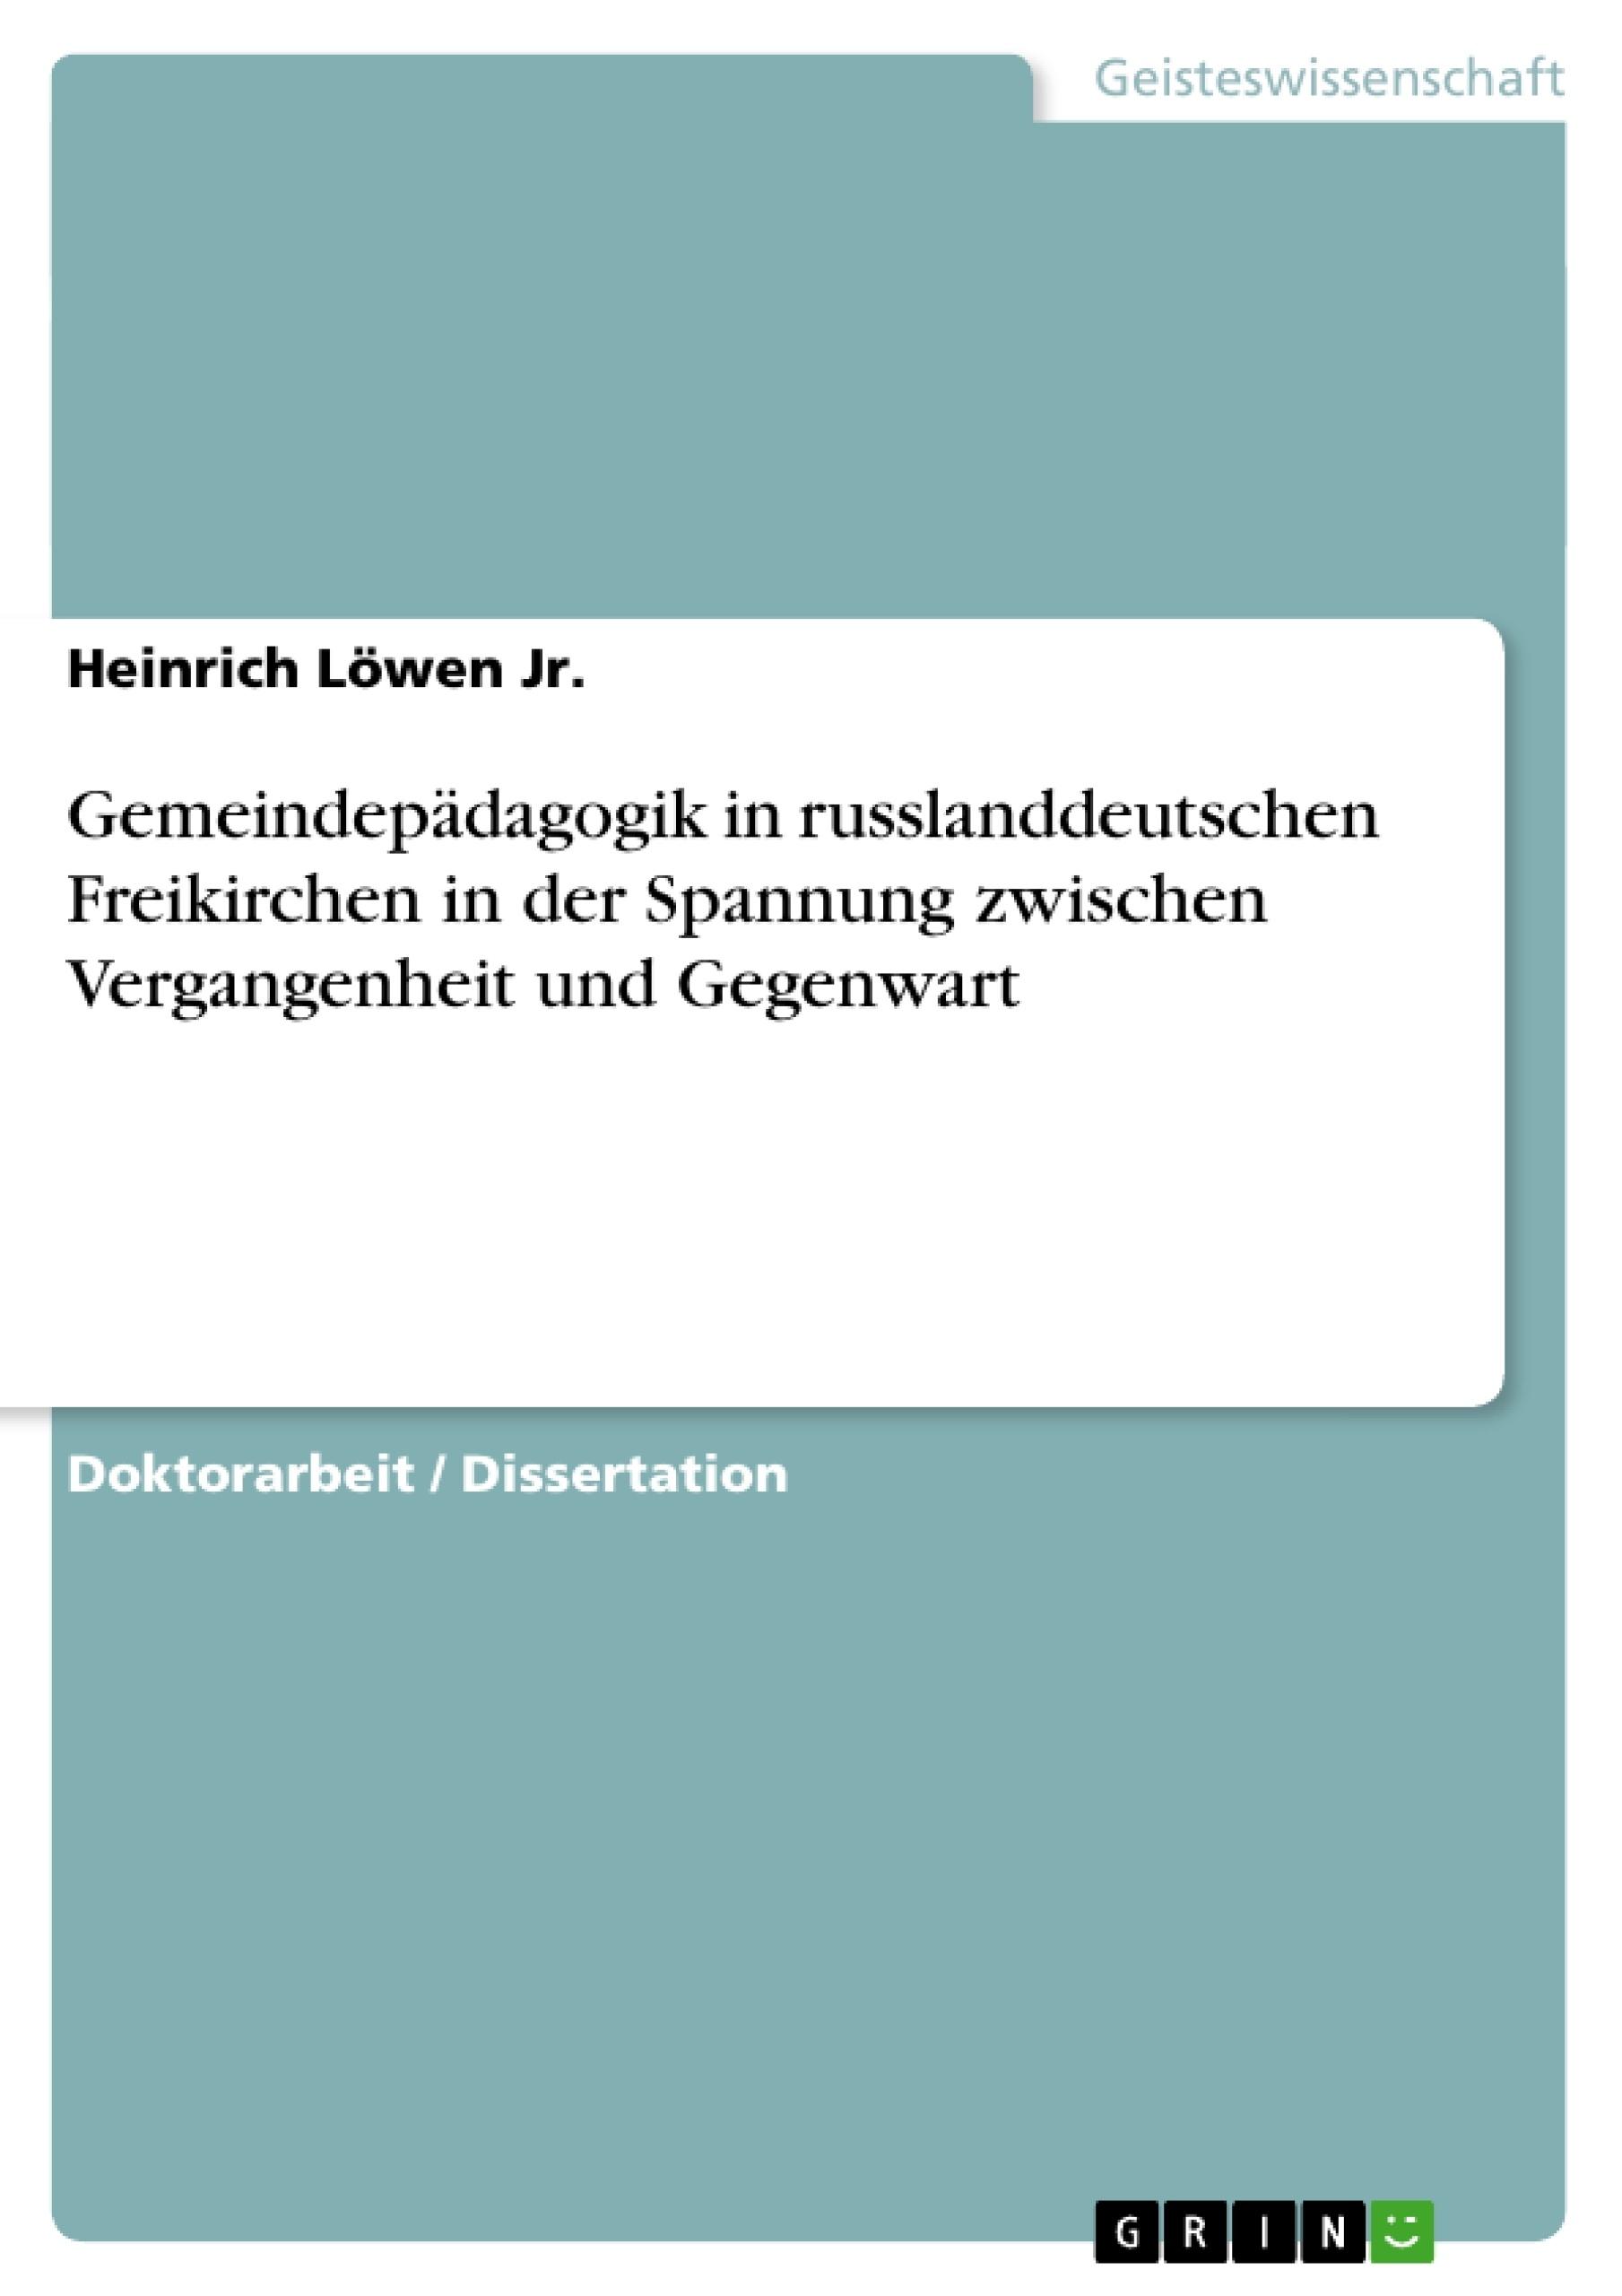 Titel: Gemeindepädagogik in russlanddeutschen Freikirchen in der Spannung zwischen Vergangenheit und Gegenwart